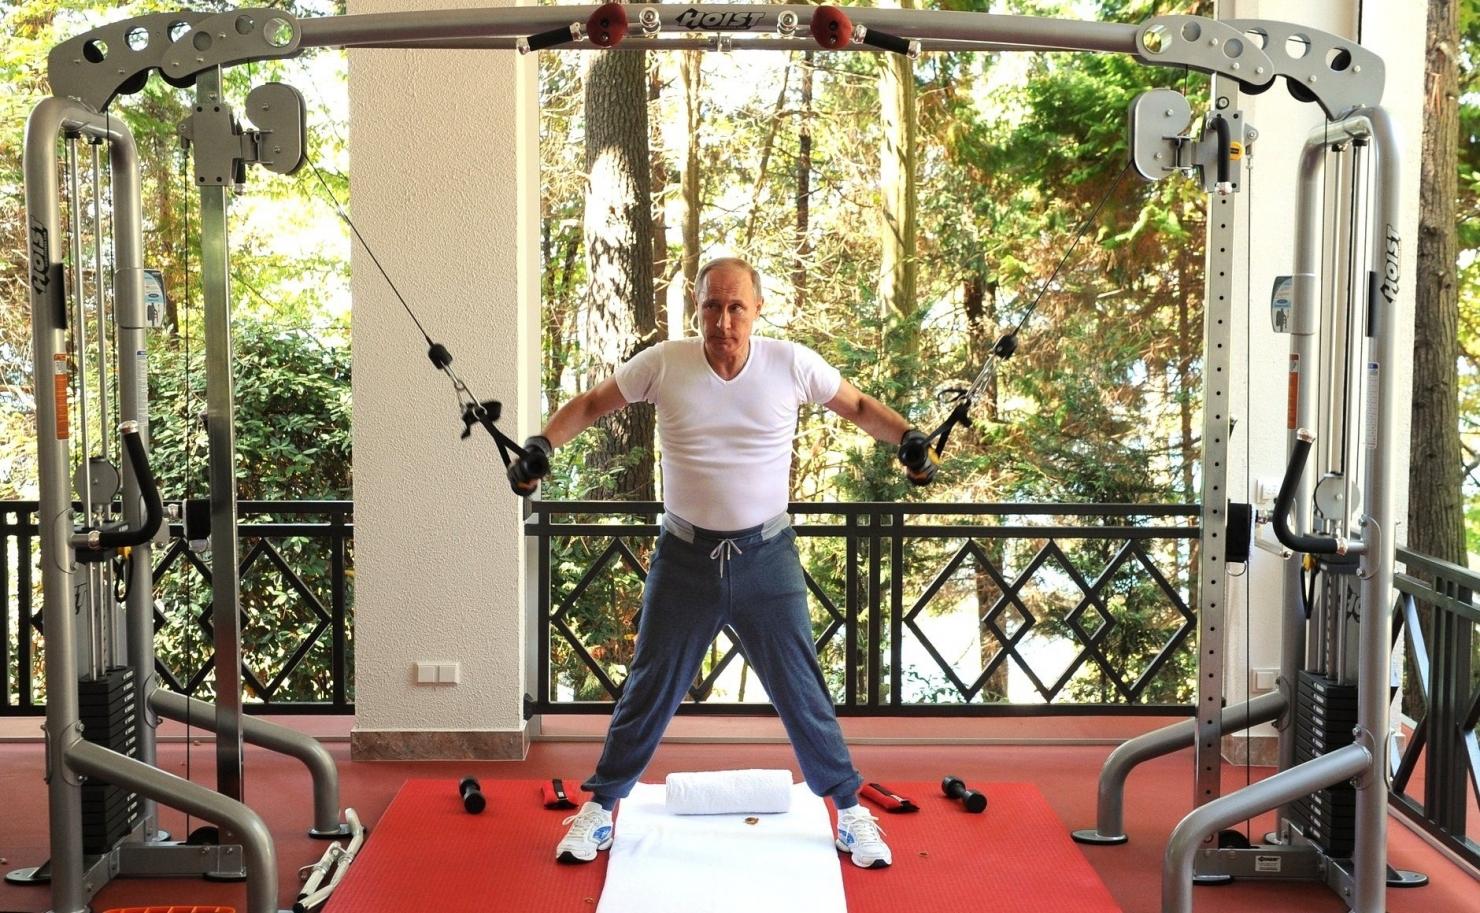 Putin face exerciții fizice